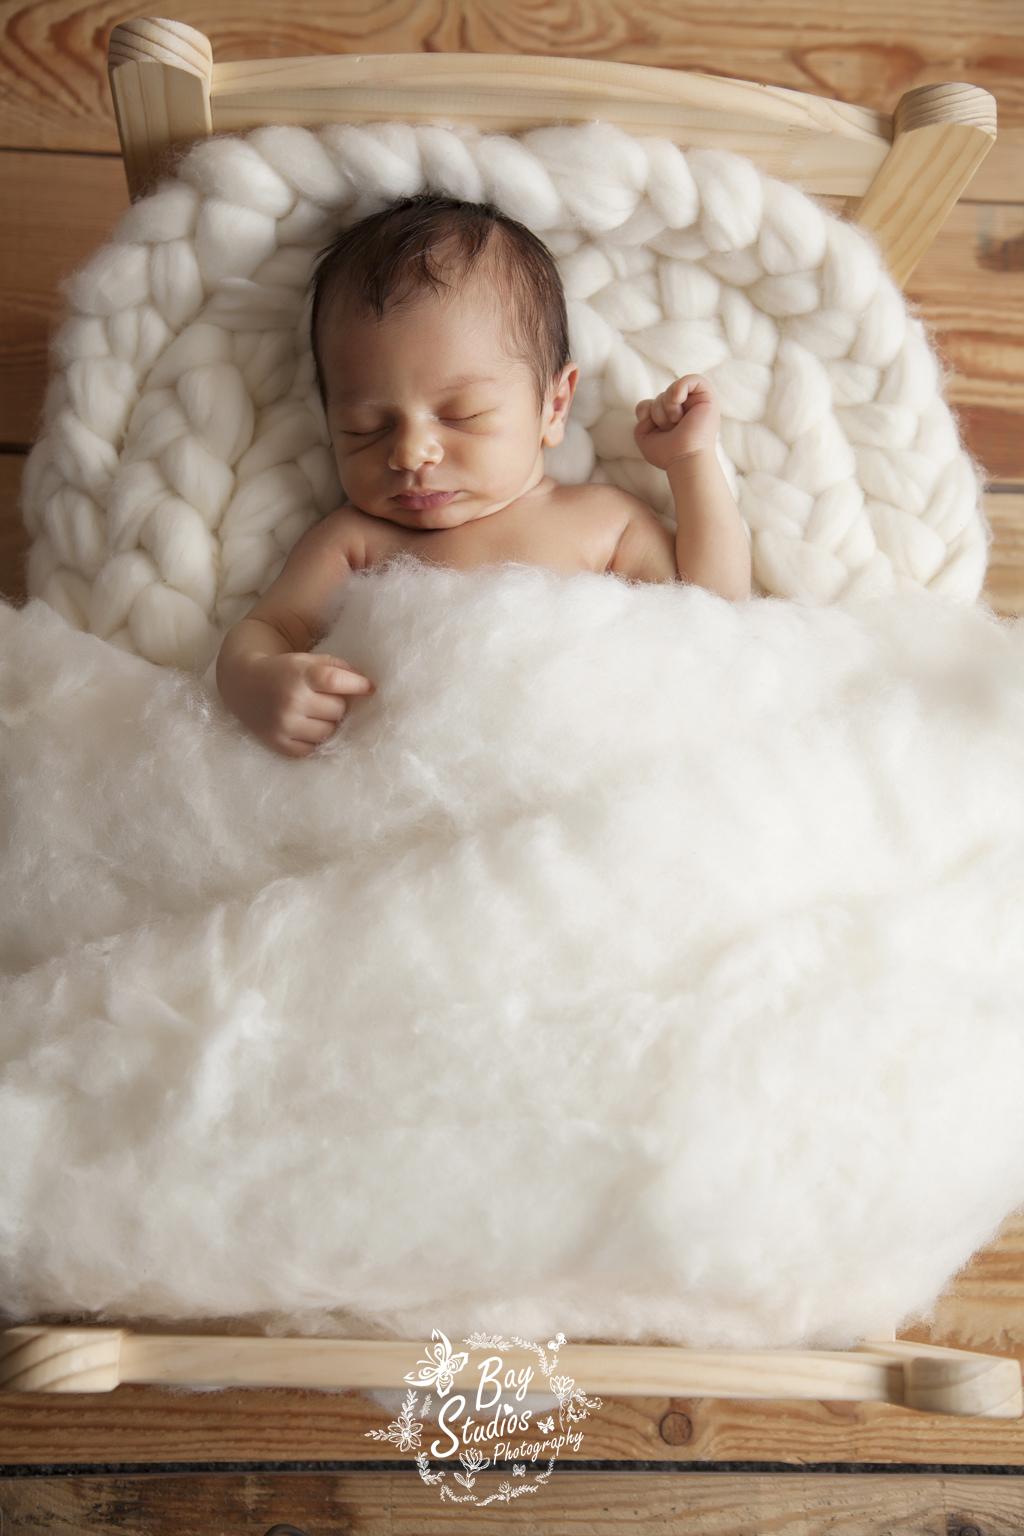 neugeborene fotoshooting, neugeborene fotograf, fotostdio aarau, www.baystudios.ch, familie fotograf